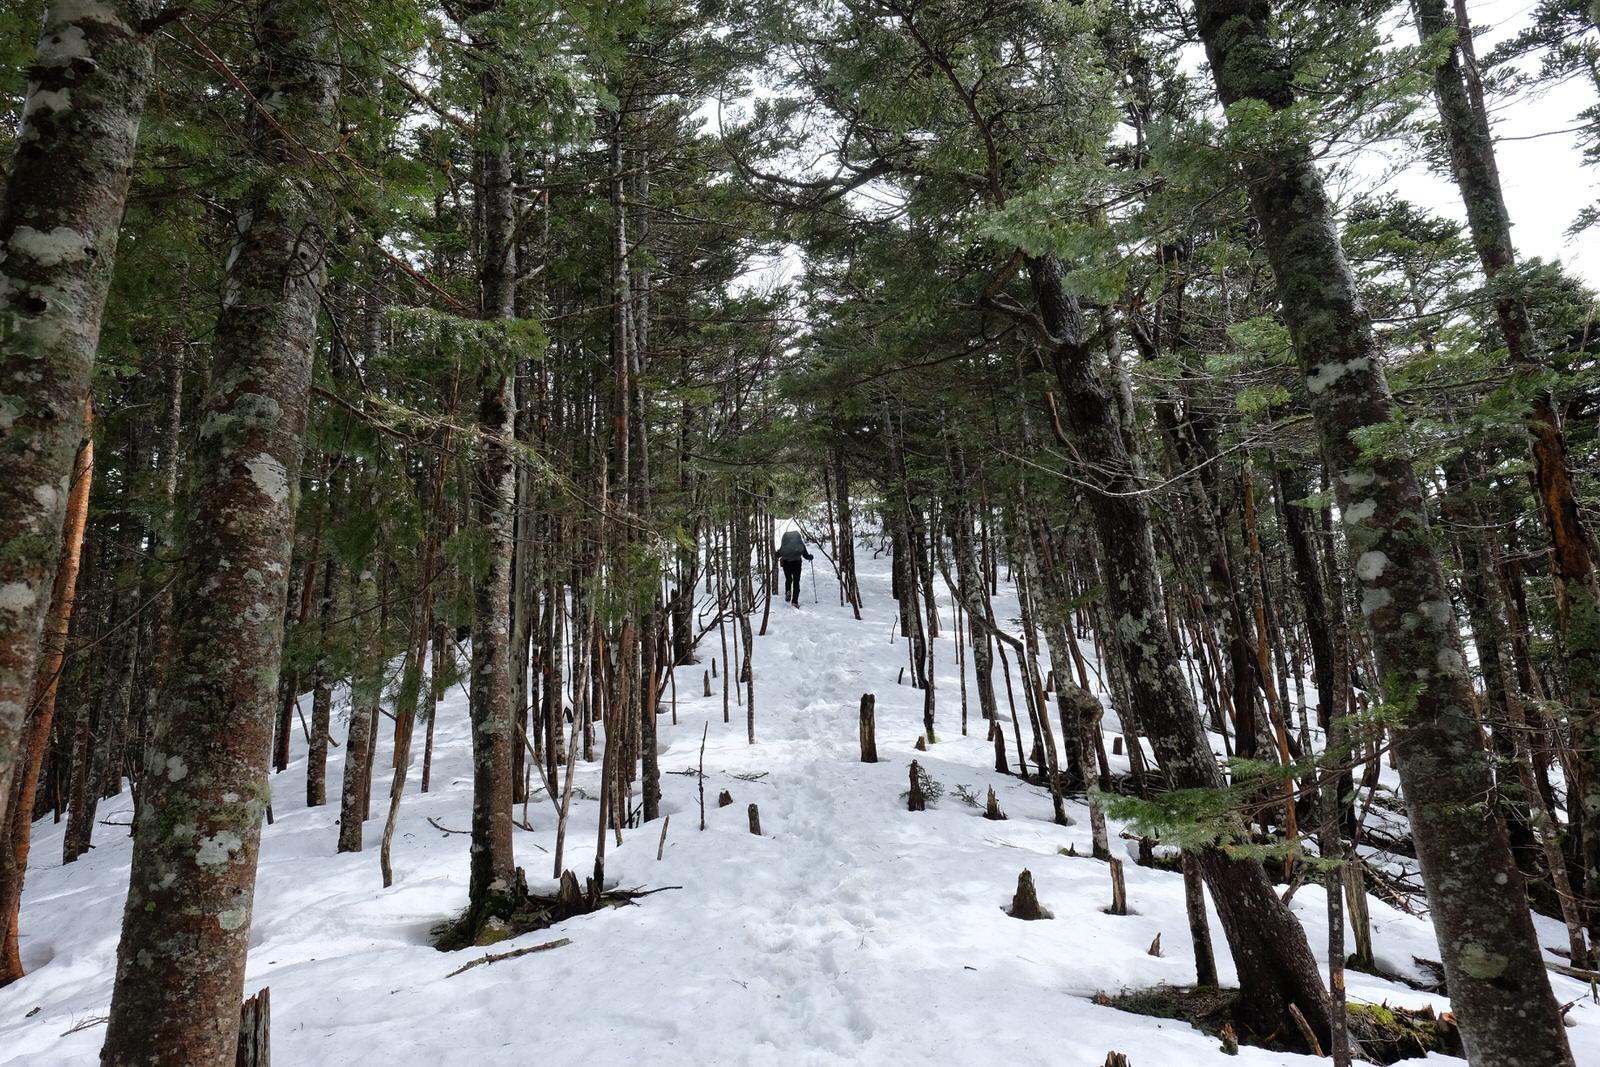 【山岳遭難体験記】誰もいない雨の標高2,500mで同行者が低体温症になった話